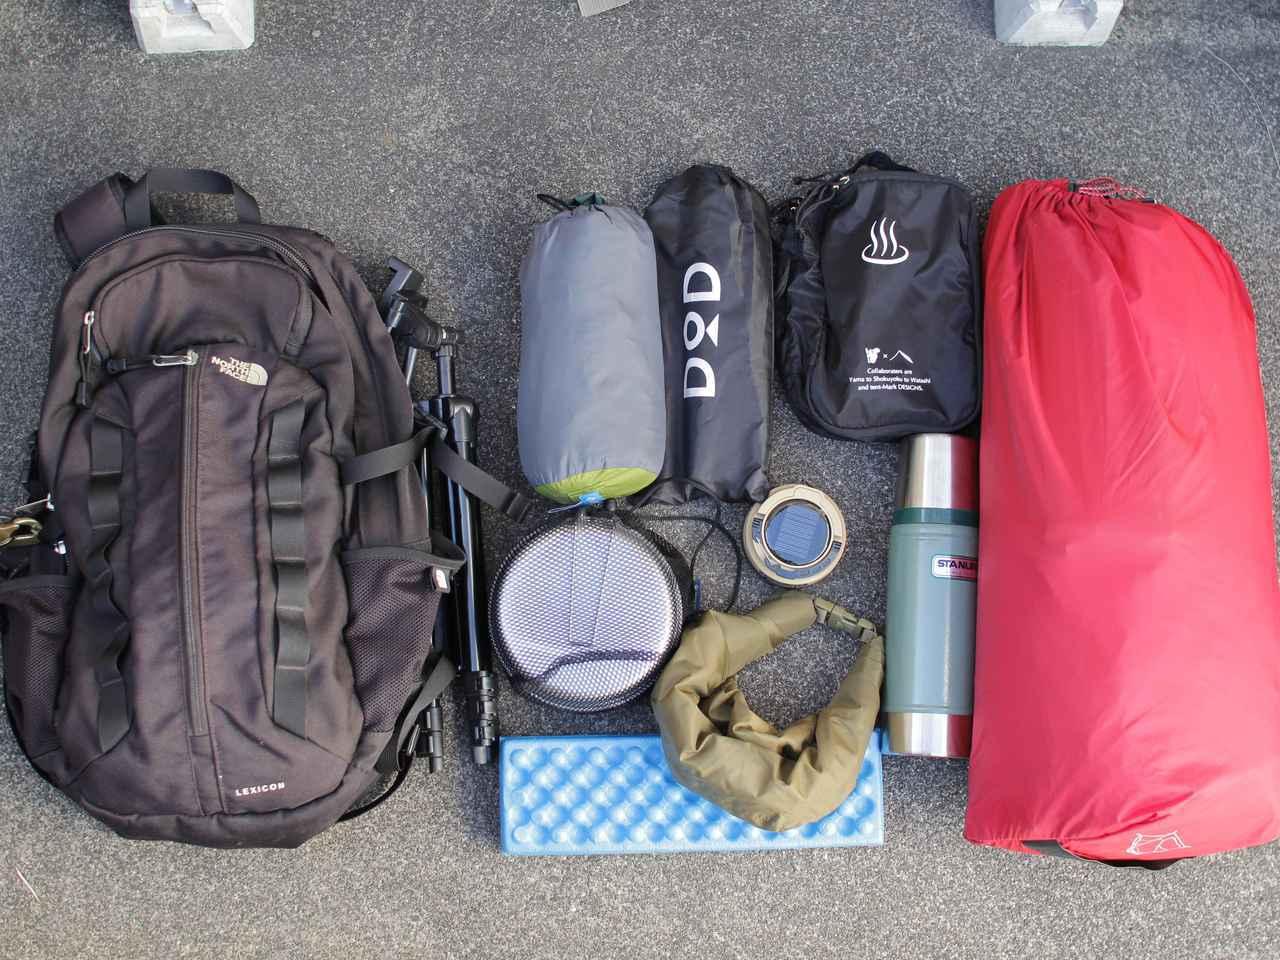 画像: 【ソロキャンプ初心者必見】パッキングのコツを伝授! おすすめ軽量化アイテムも紹介 - ハピキャン(HAPPY CAMPER)